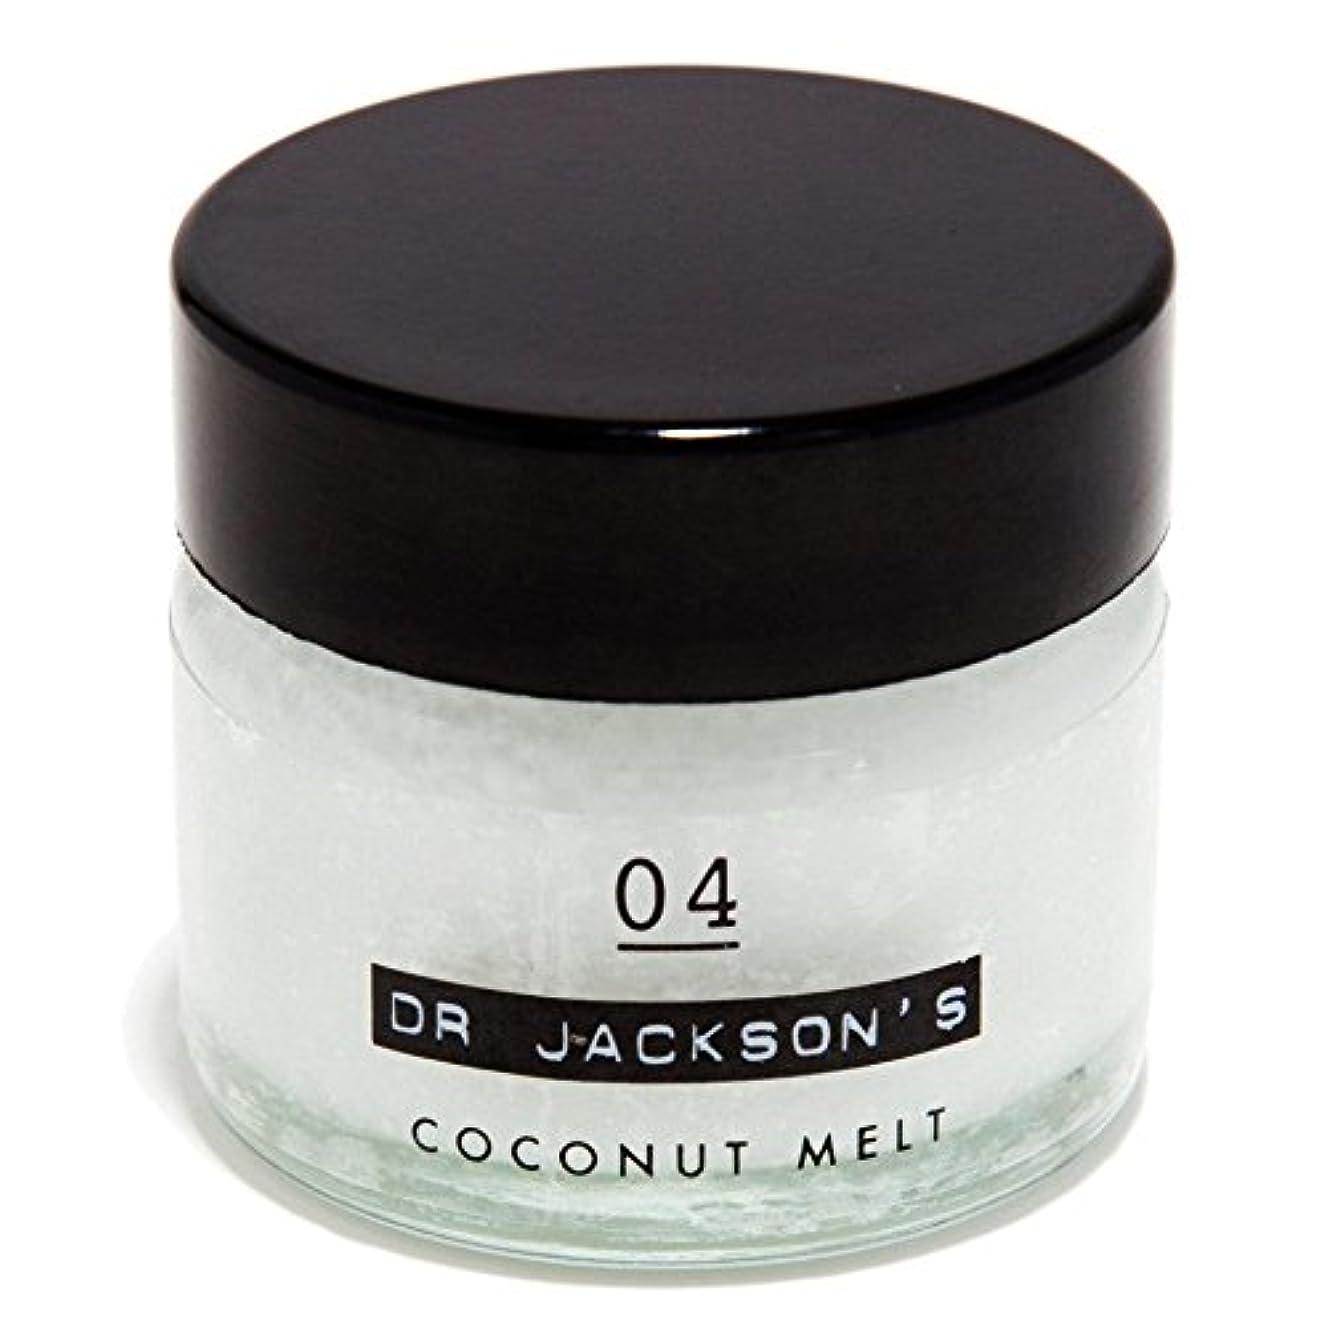 びっくりする印象的閃光Dr Jackson's 04 Coconut Melt 15ml - ジャクソンの04ココナッツメルト15ミリリットル [並行輸入品]